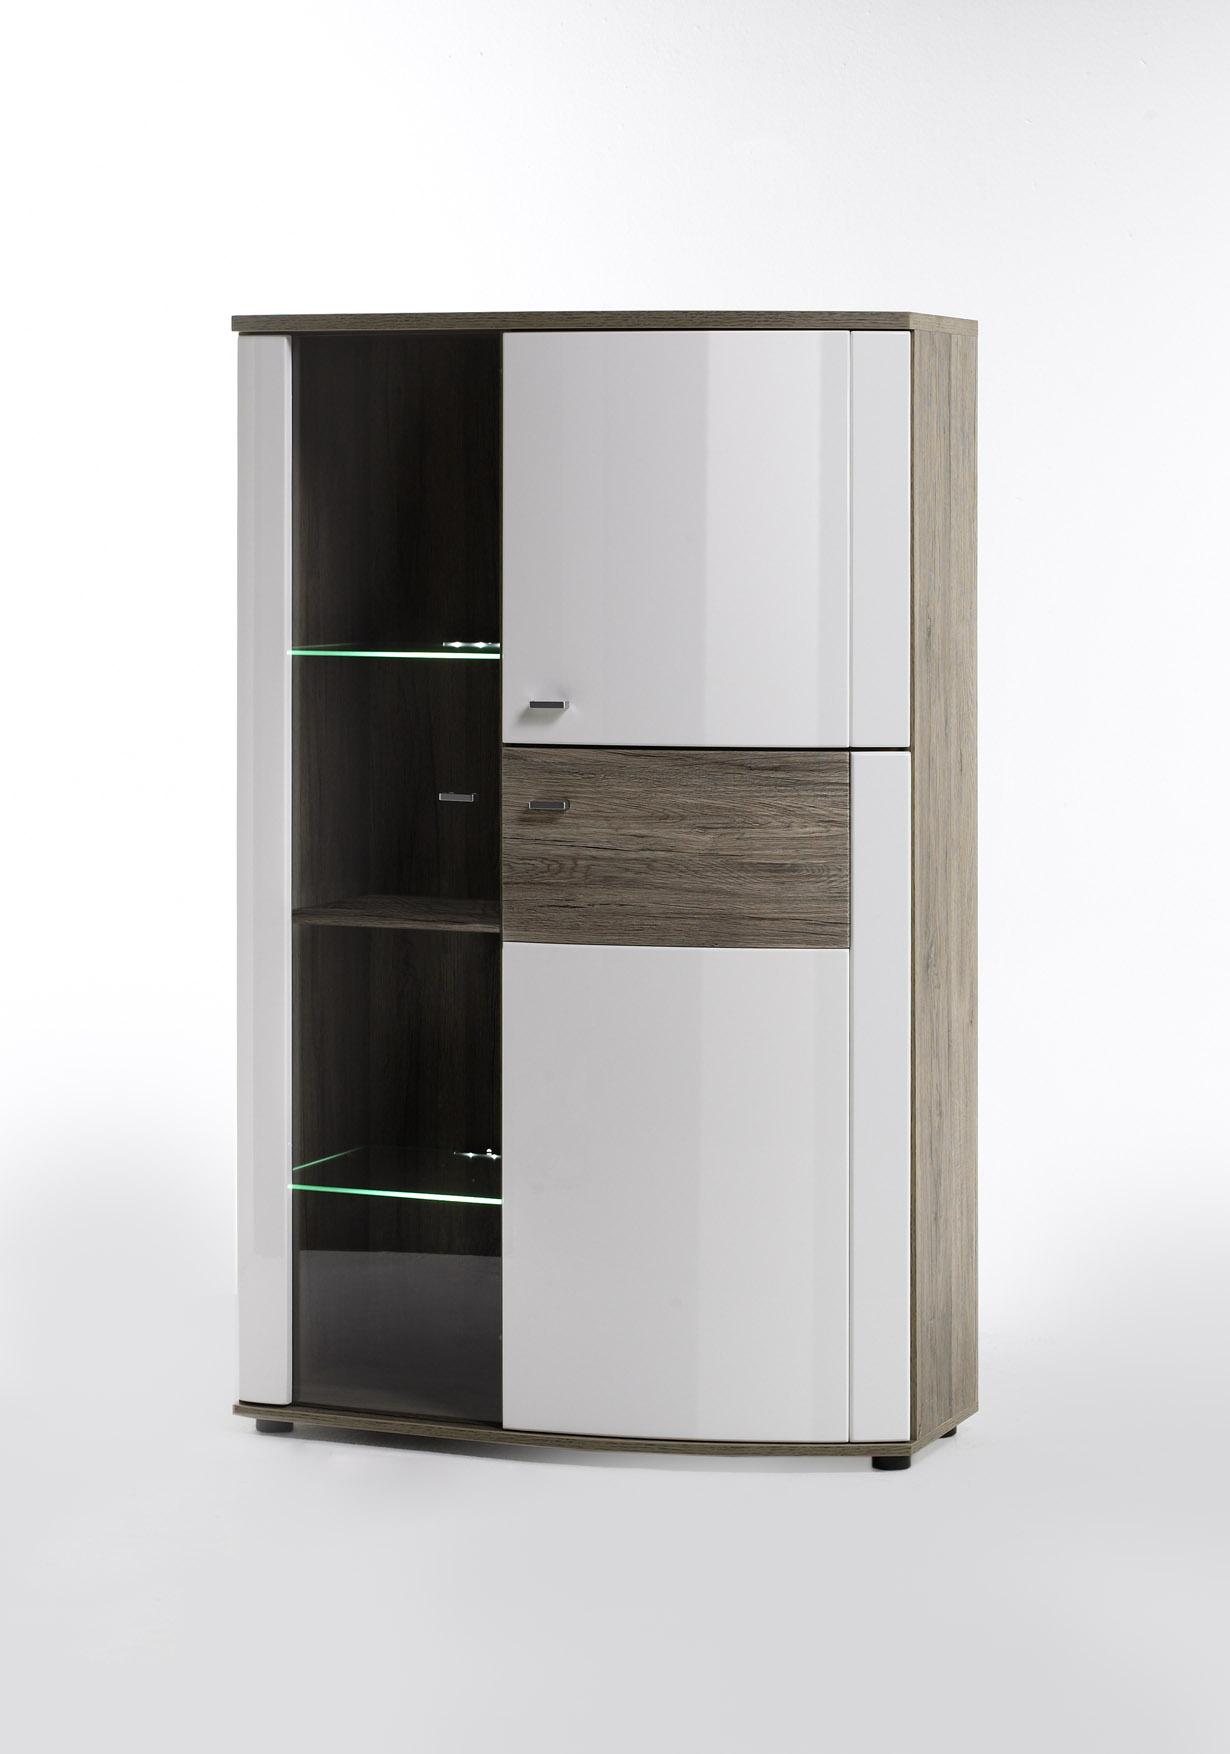 MCA Kombi Highboard Modena Weiß | Vitrinen U0026 Regale | Wohnzimmer |  Möbeltraum24.de